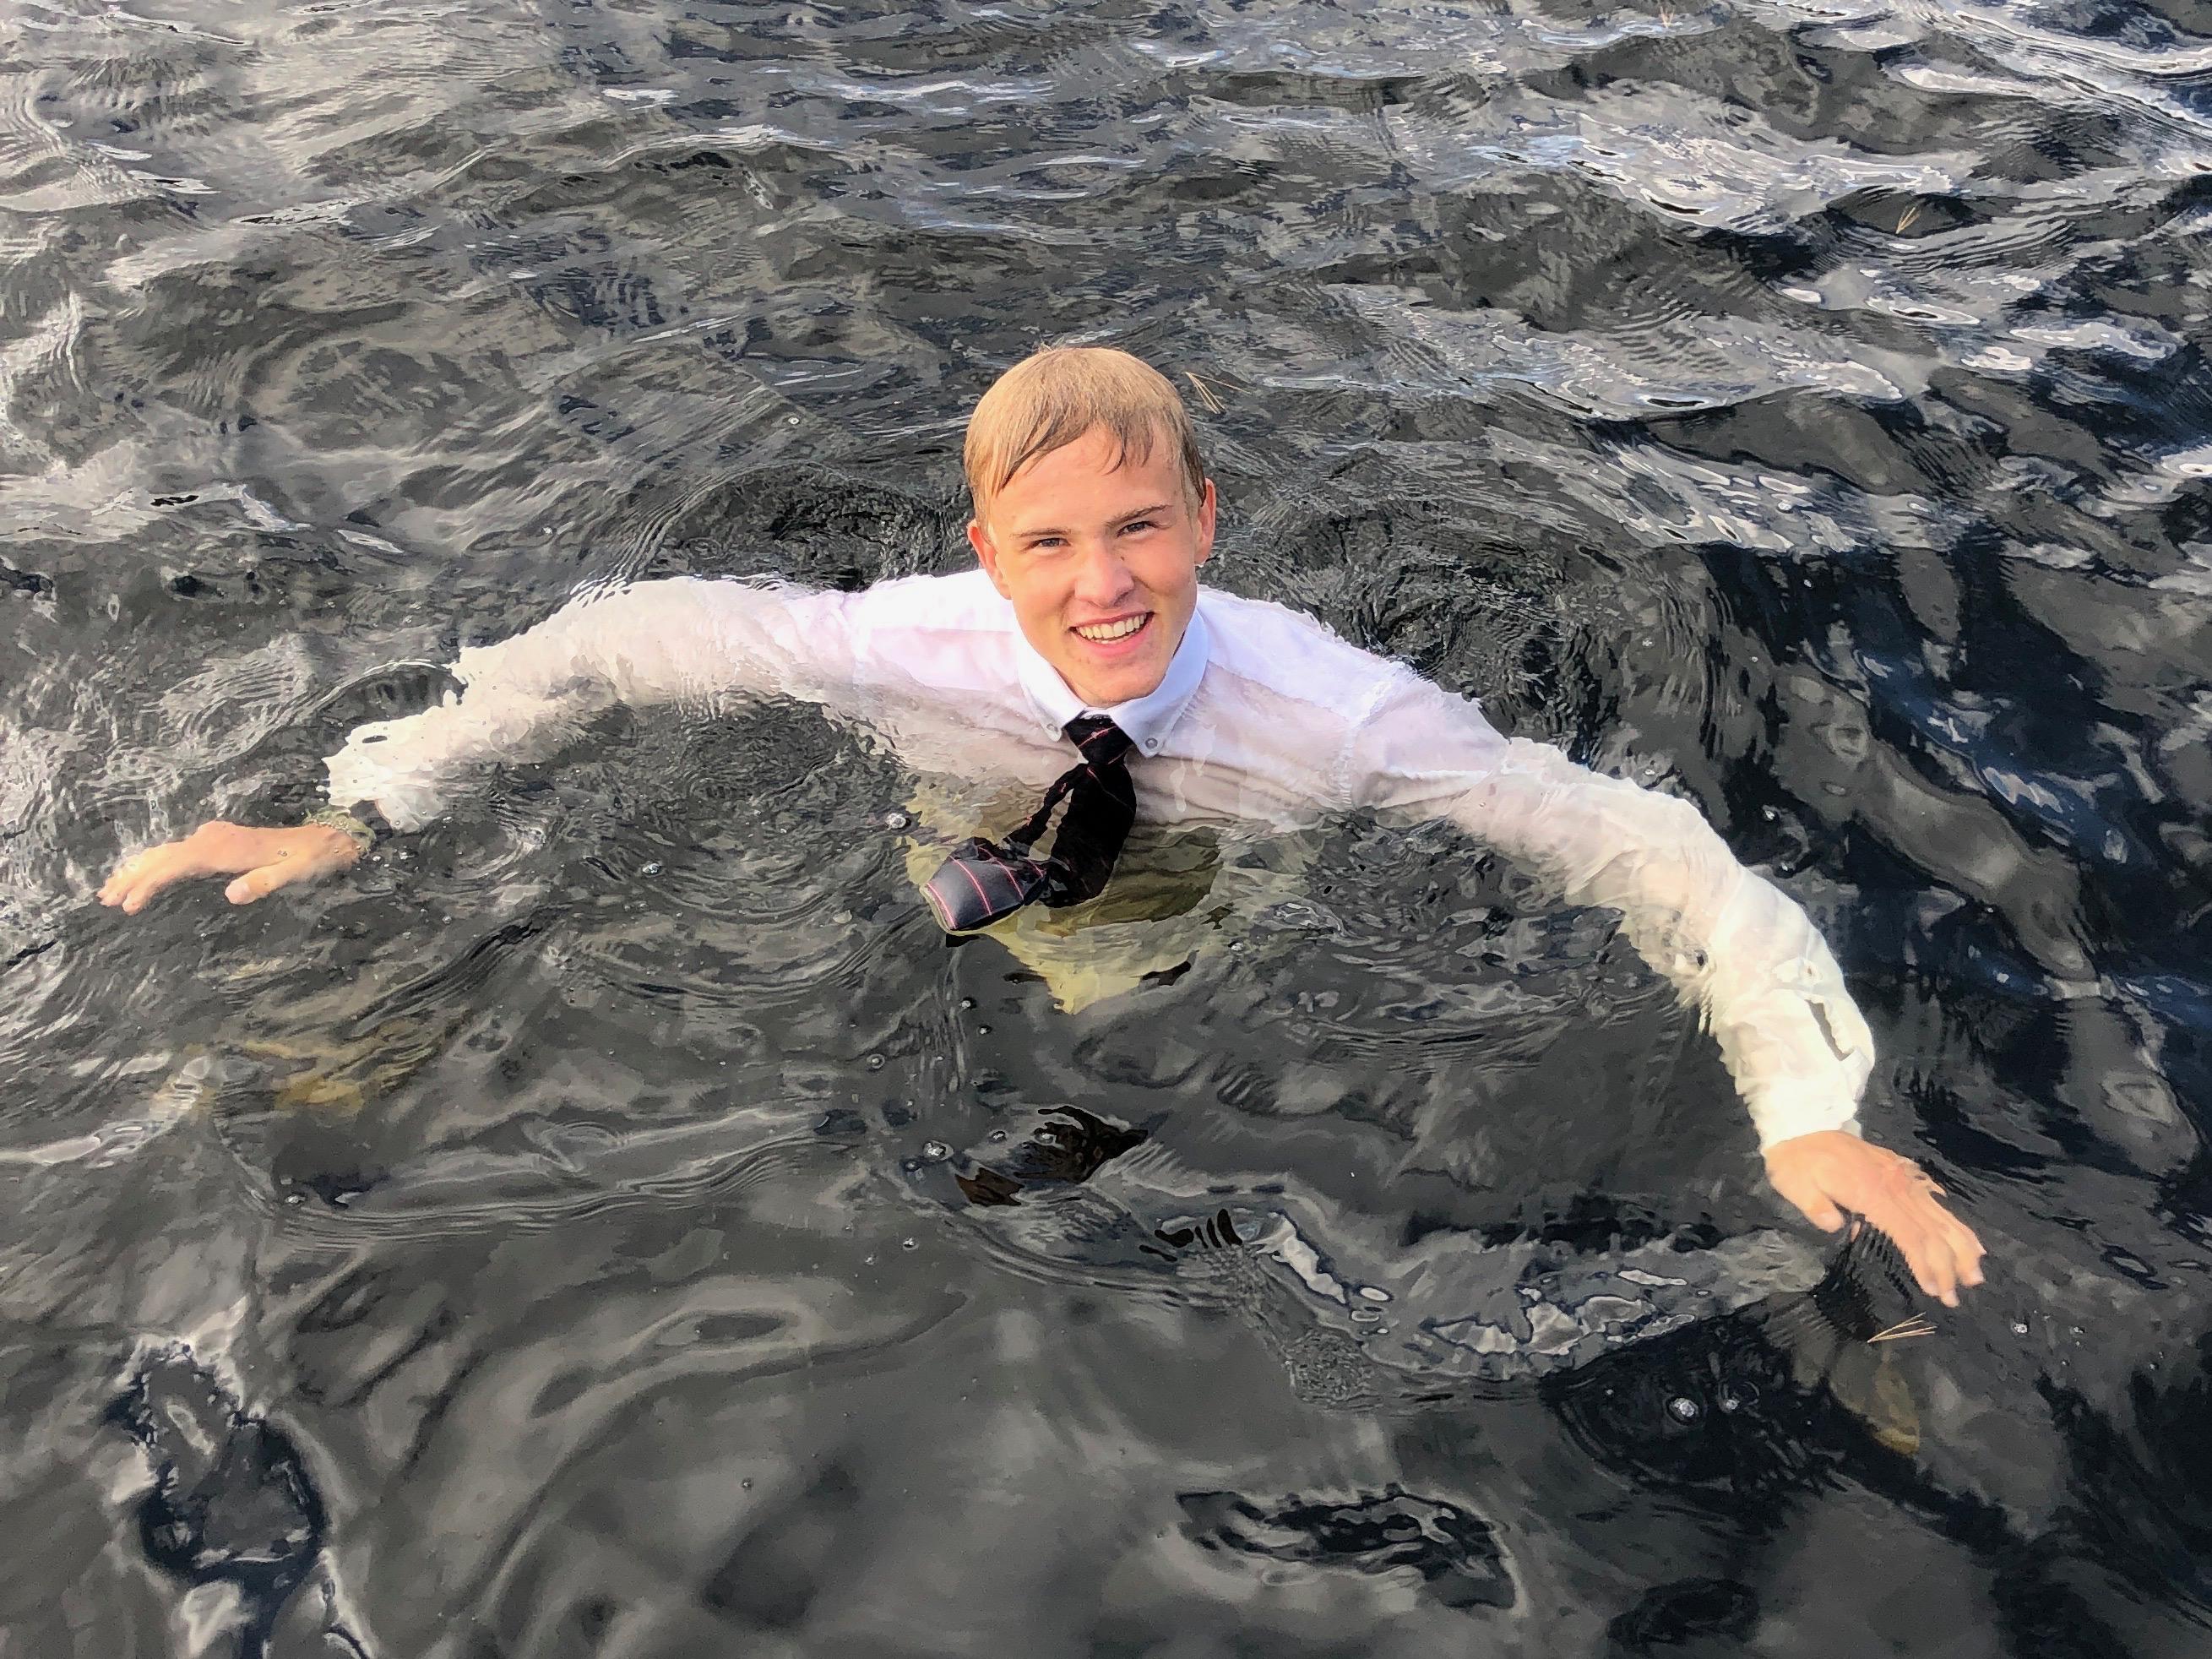 尼尔斯穿着他的校服游泳.